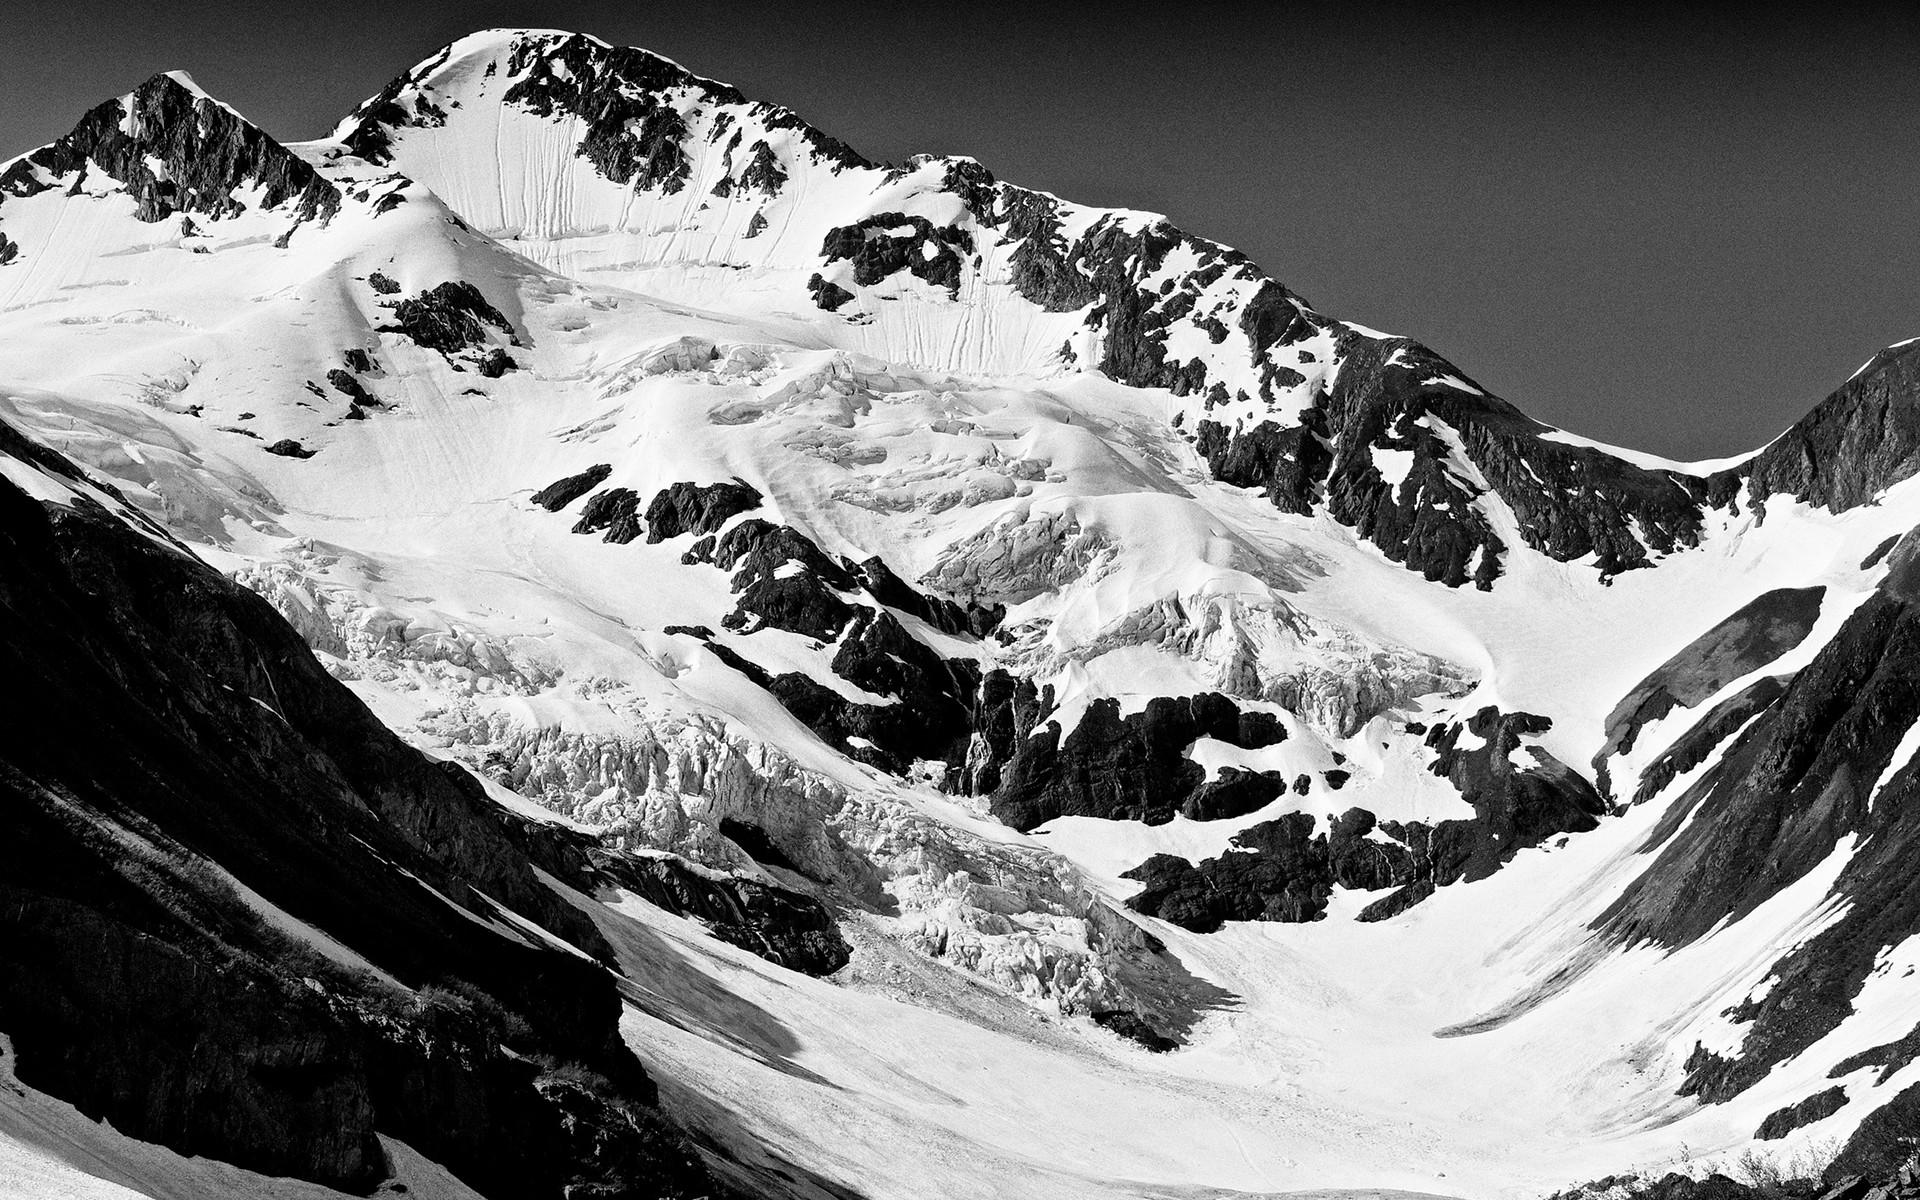 Wallpaper Mountain Peaks Snow Black And White 1920x1200